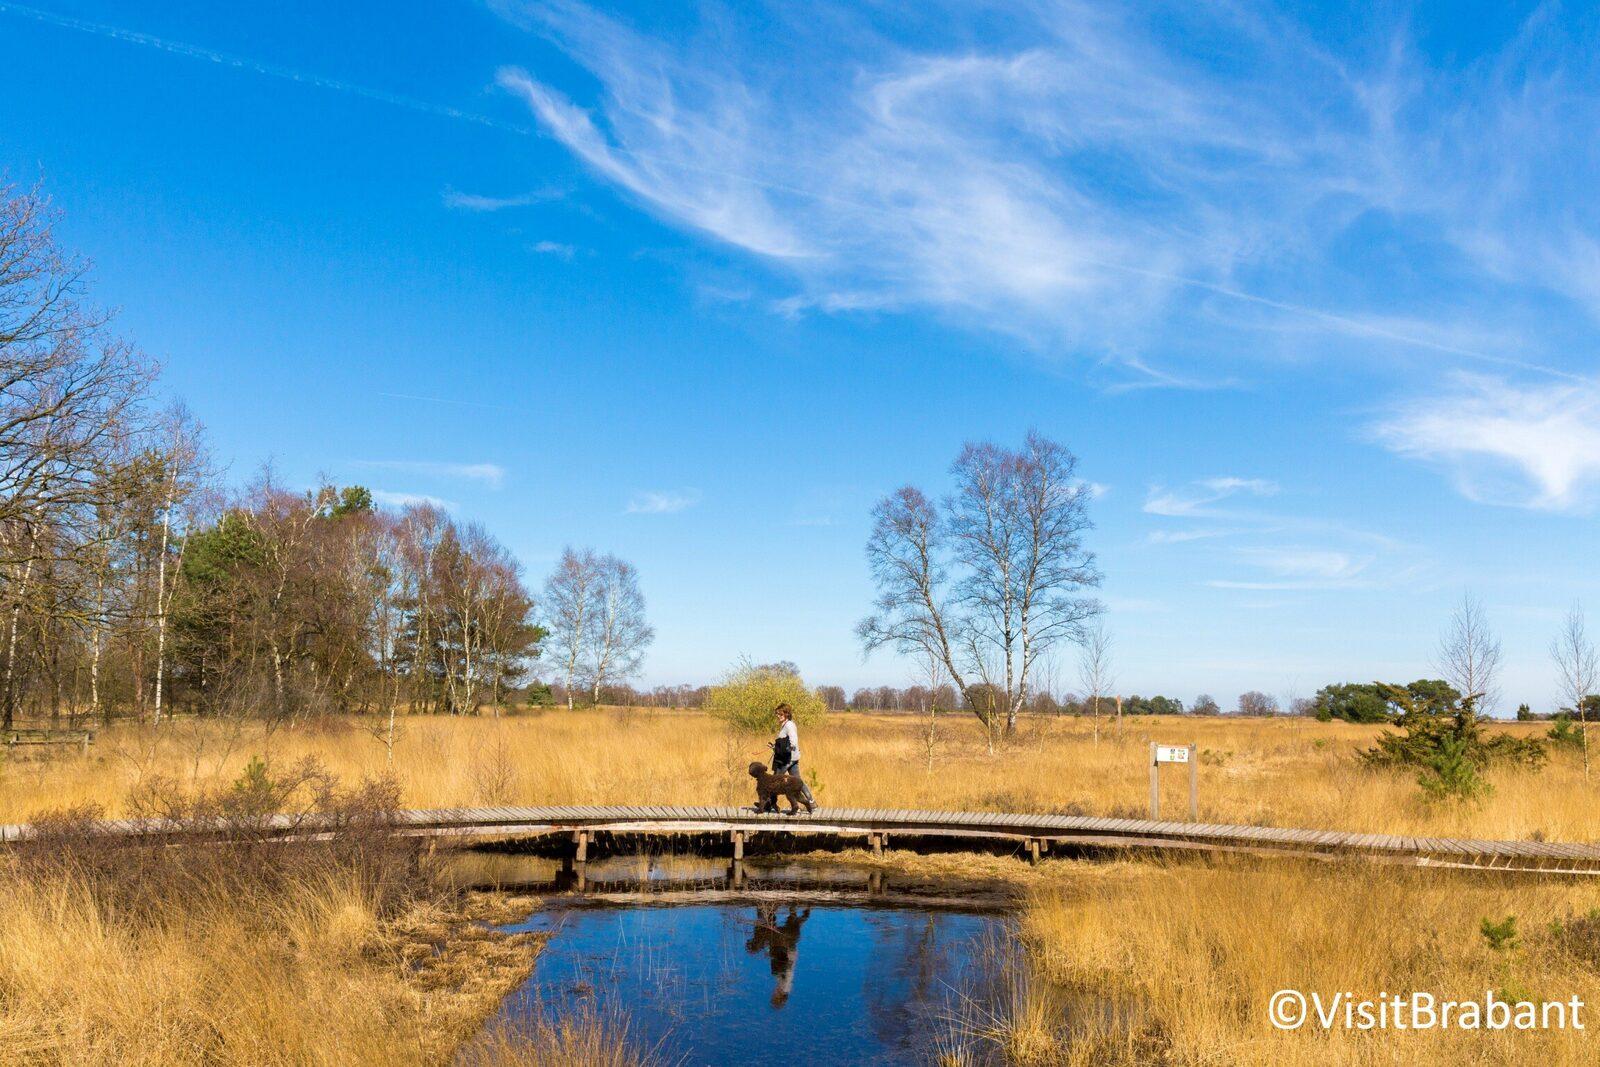 Vakantie vieren op de Strabrechtse Heide in Brabant